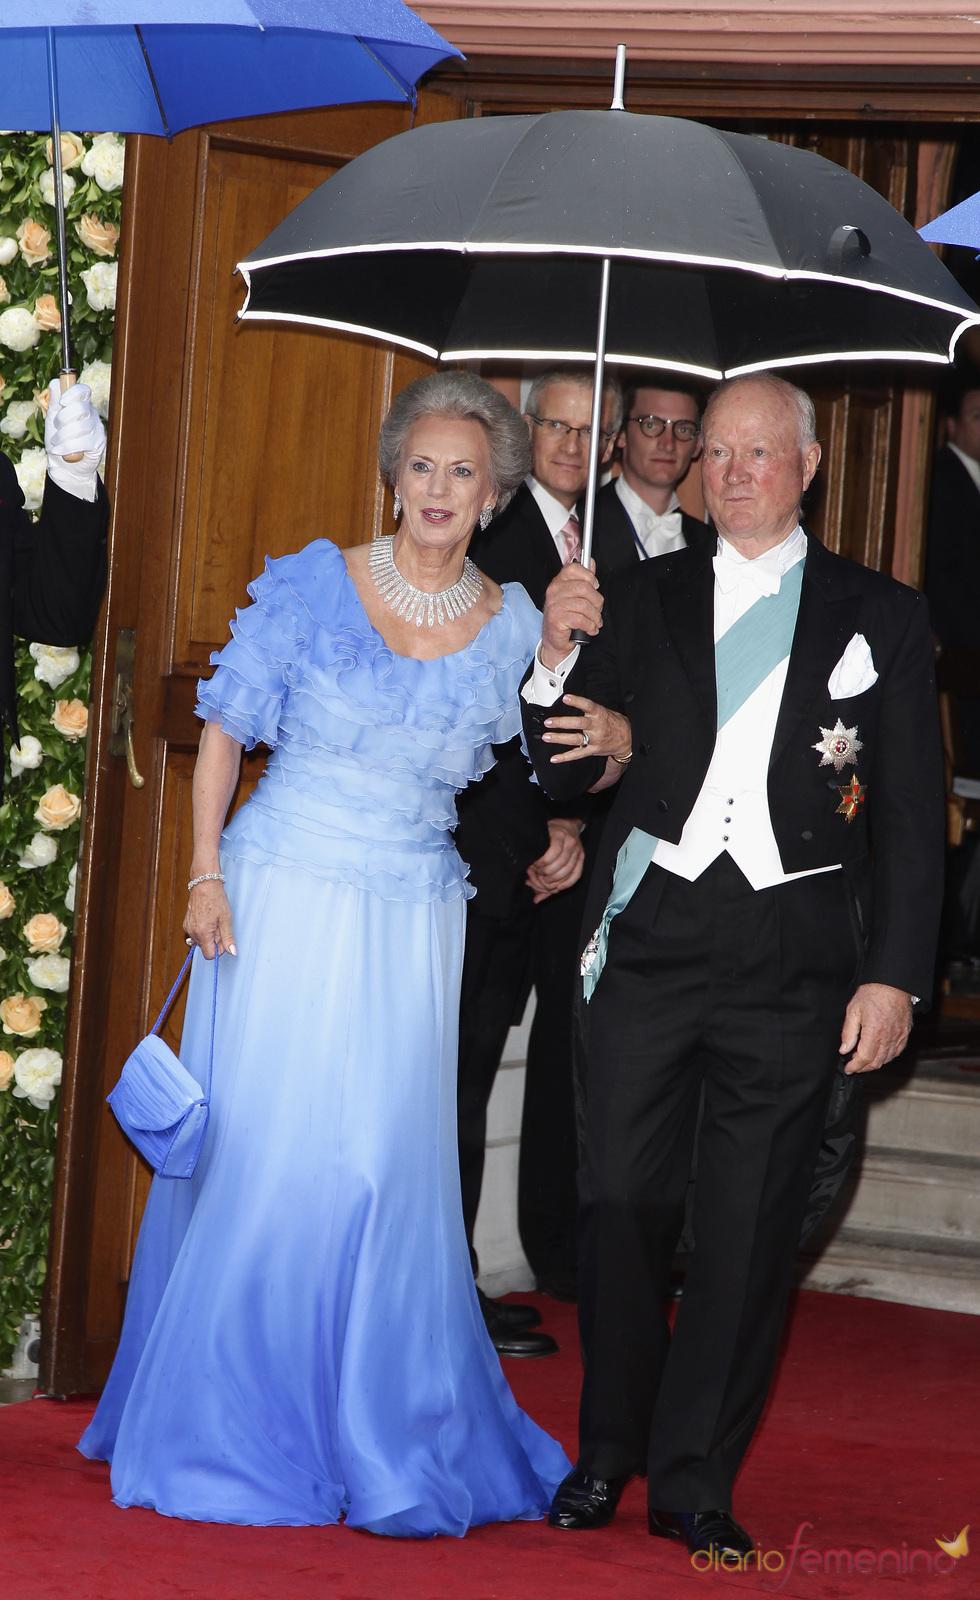 Los Príncipes Richard y Benedicta de Dinamarca en la boda de su hija Natalia